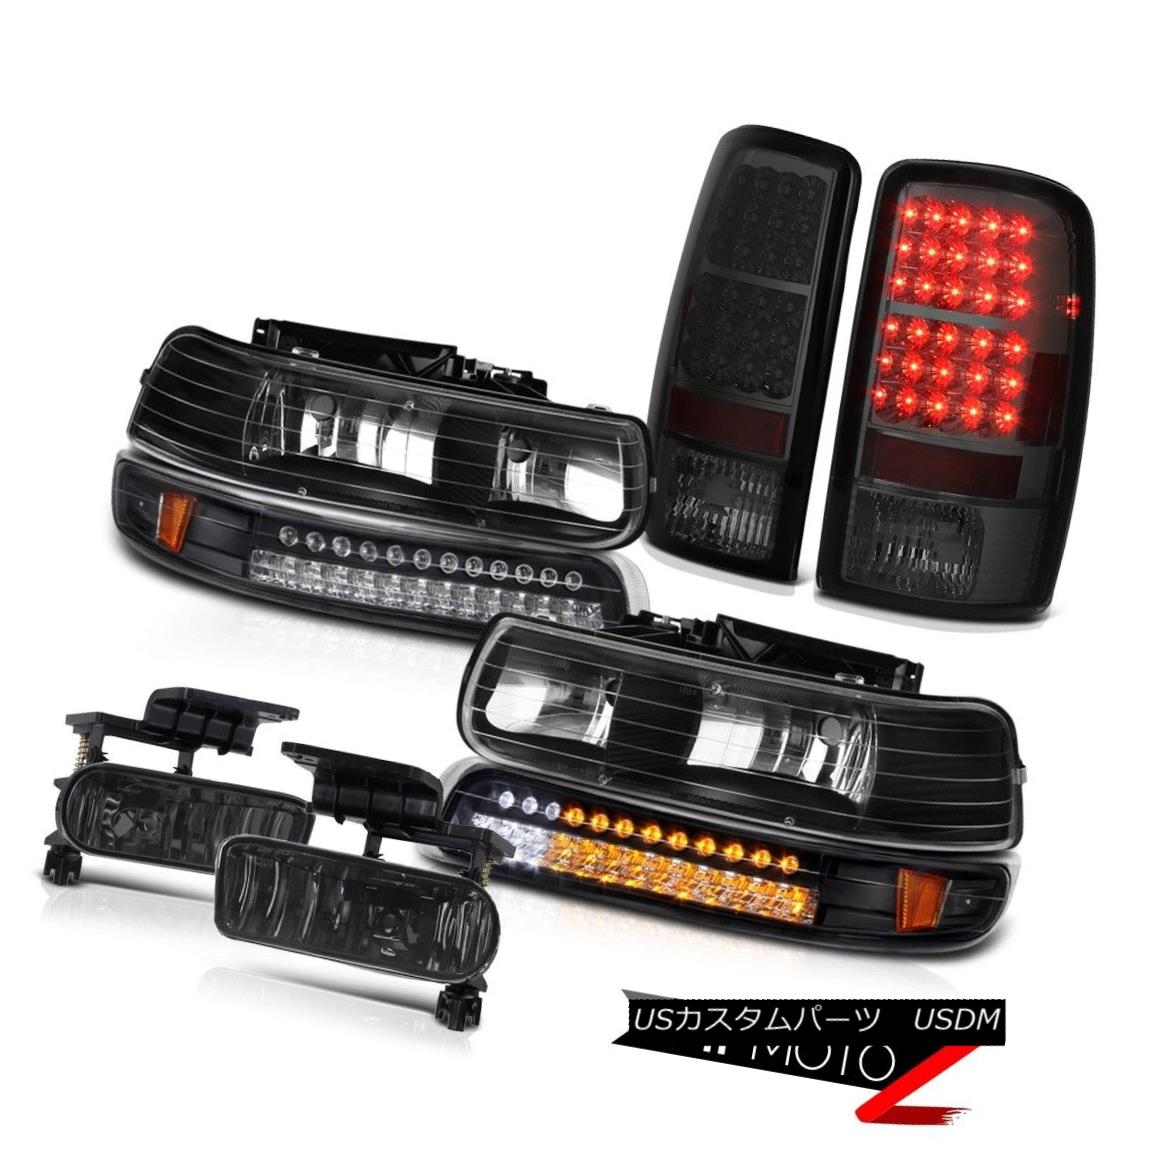 ヘッドライト LH+RH Black Headlamps LED Smoked L.E.D Taillamp Smoke Fog 00 01 02 03 Tahoe LH + RHブラックヘッドランプLEDスモークL.E.Dタイルランプスモークフォグ00 01 02 03タホ